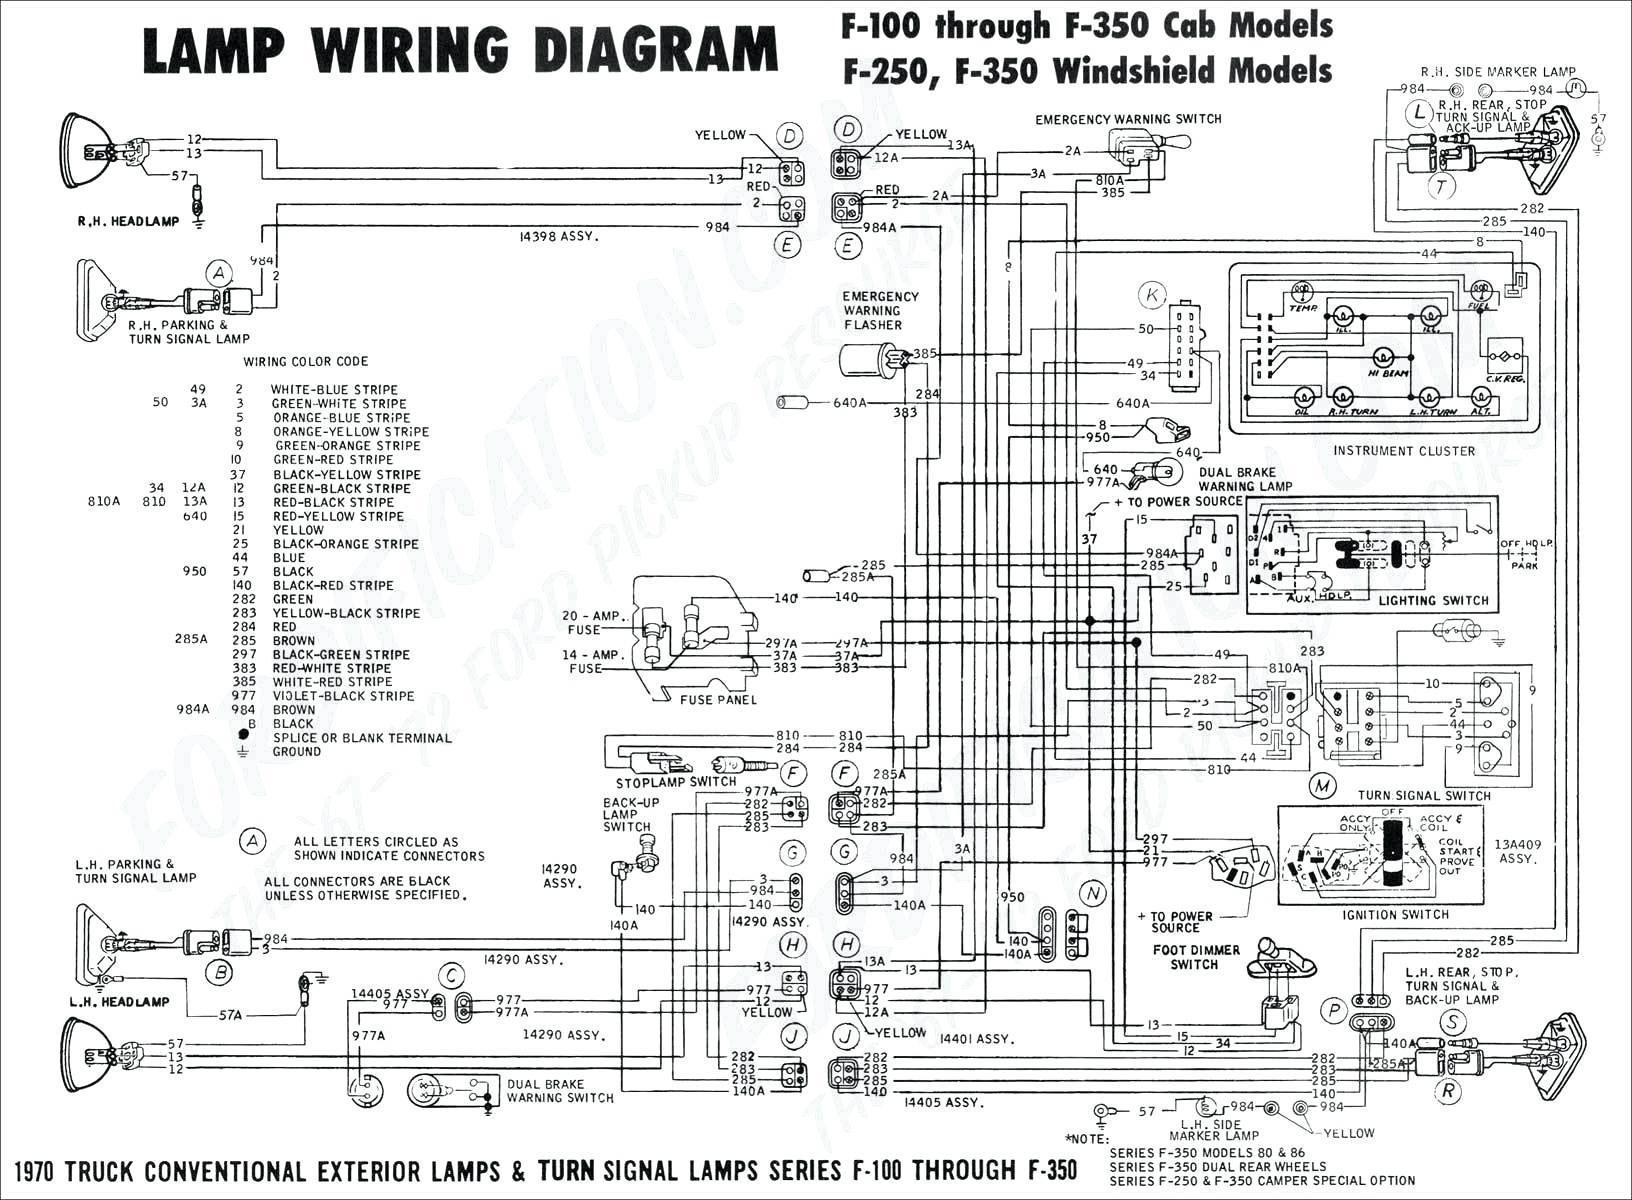 2002 ford explorer v8 engine diagram 5 4 triton engine